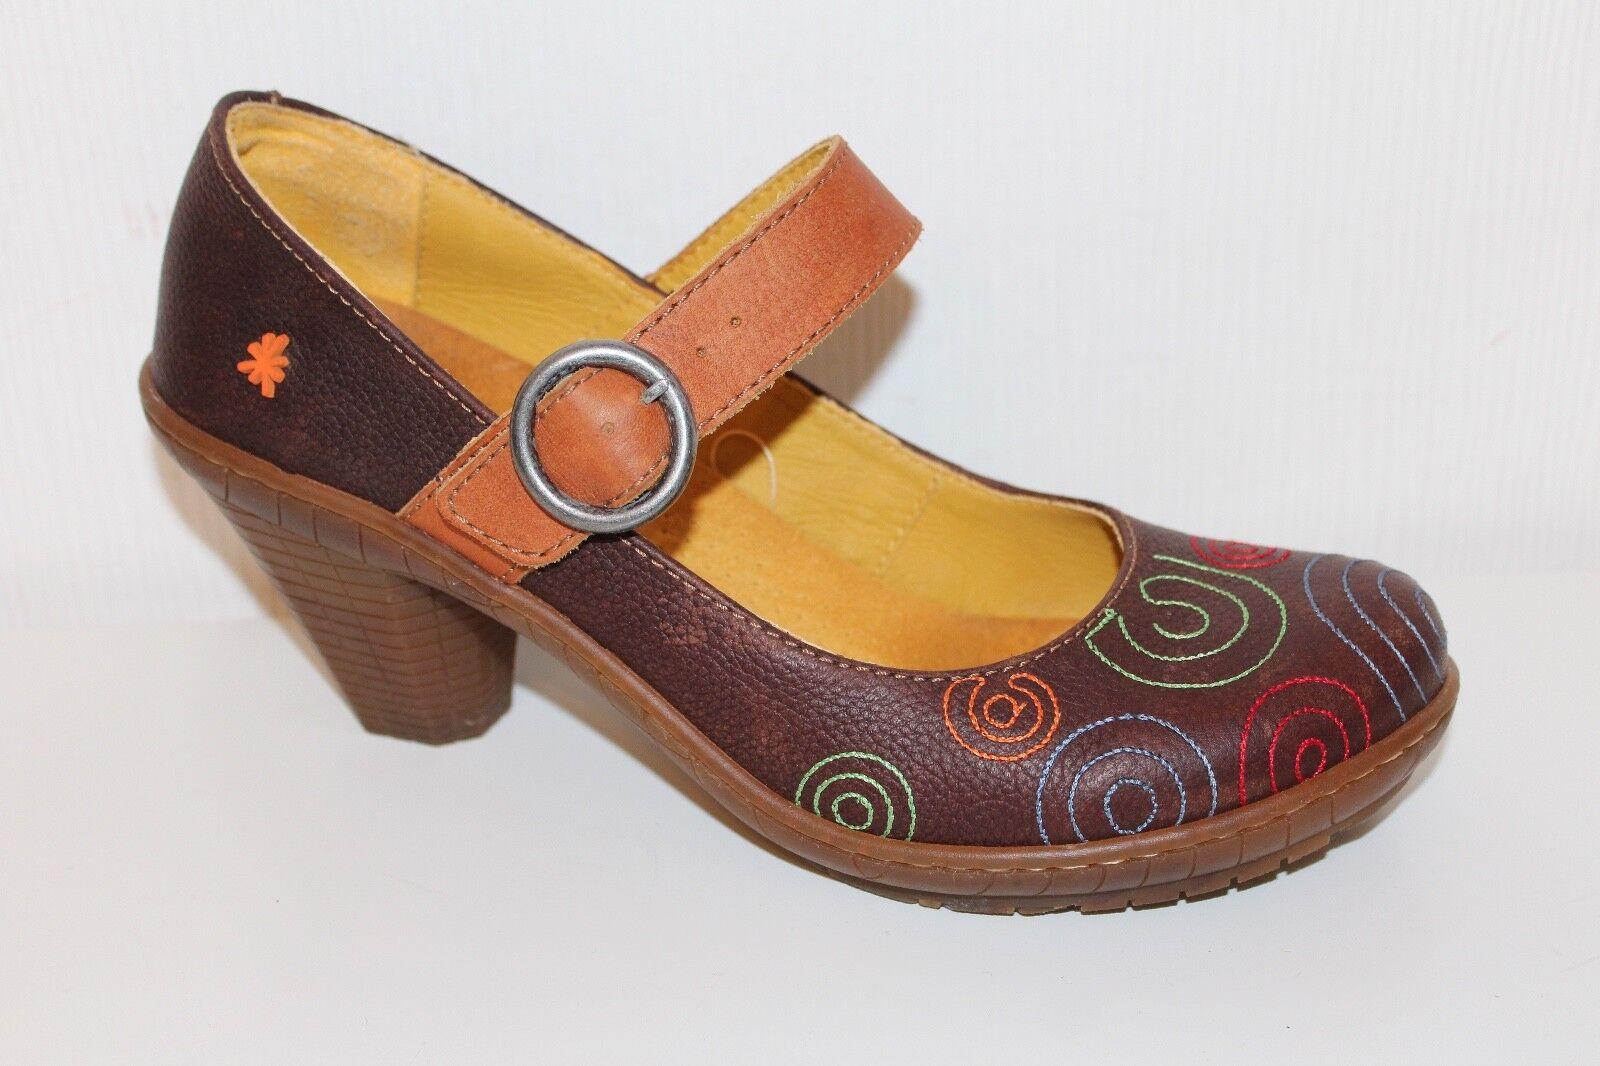 ART LEDER Damen SCHUHE PUMPS Mary Janes 40 Leder Schuhe UK7 Lagenlook ART